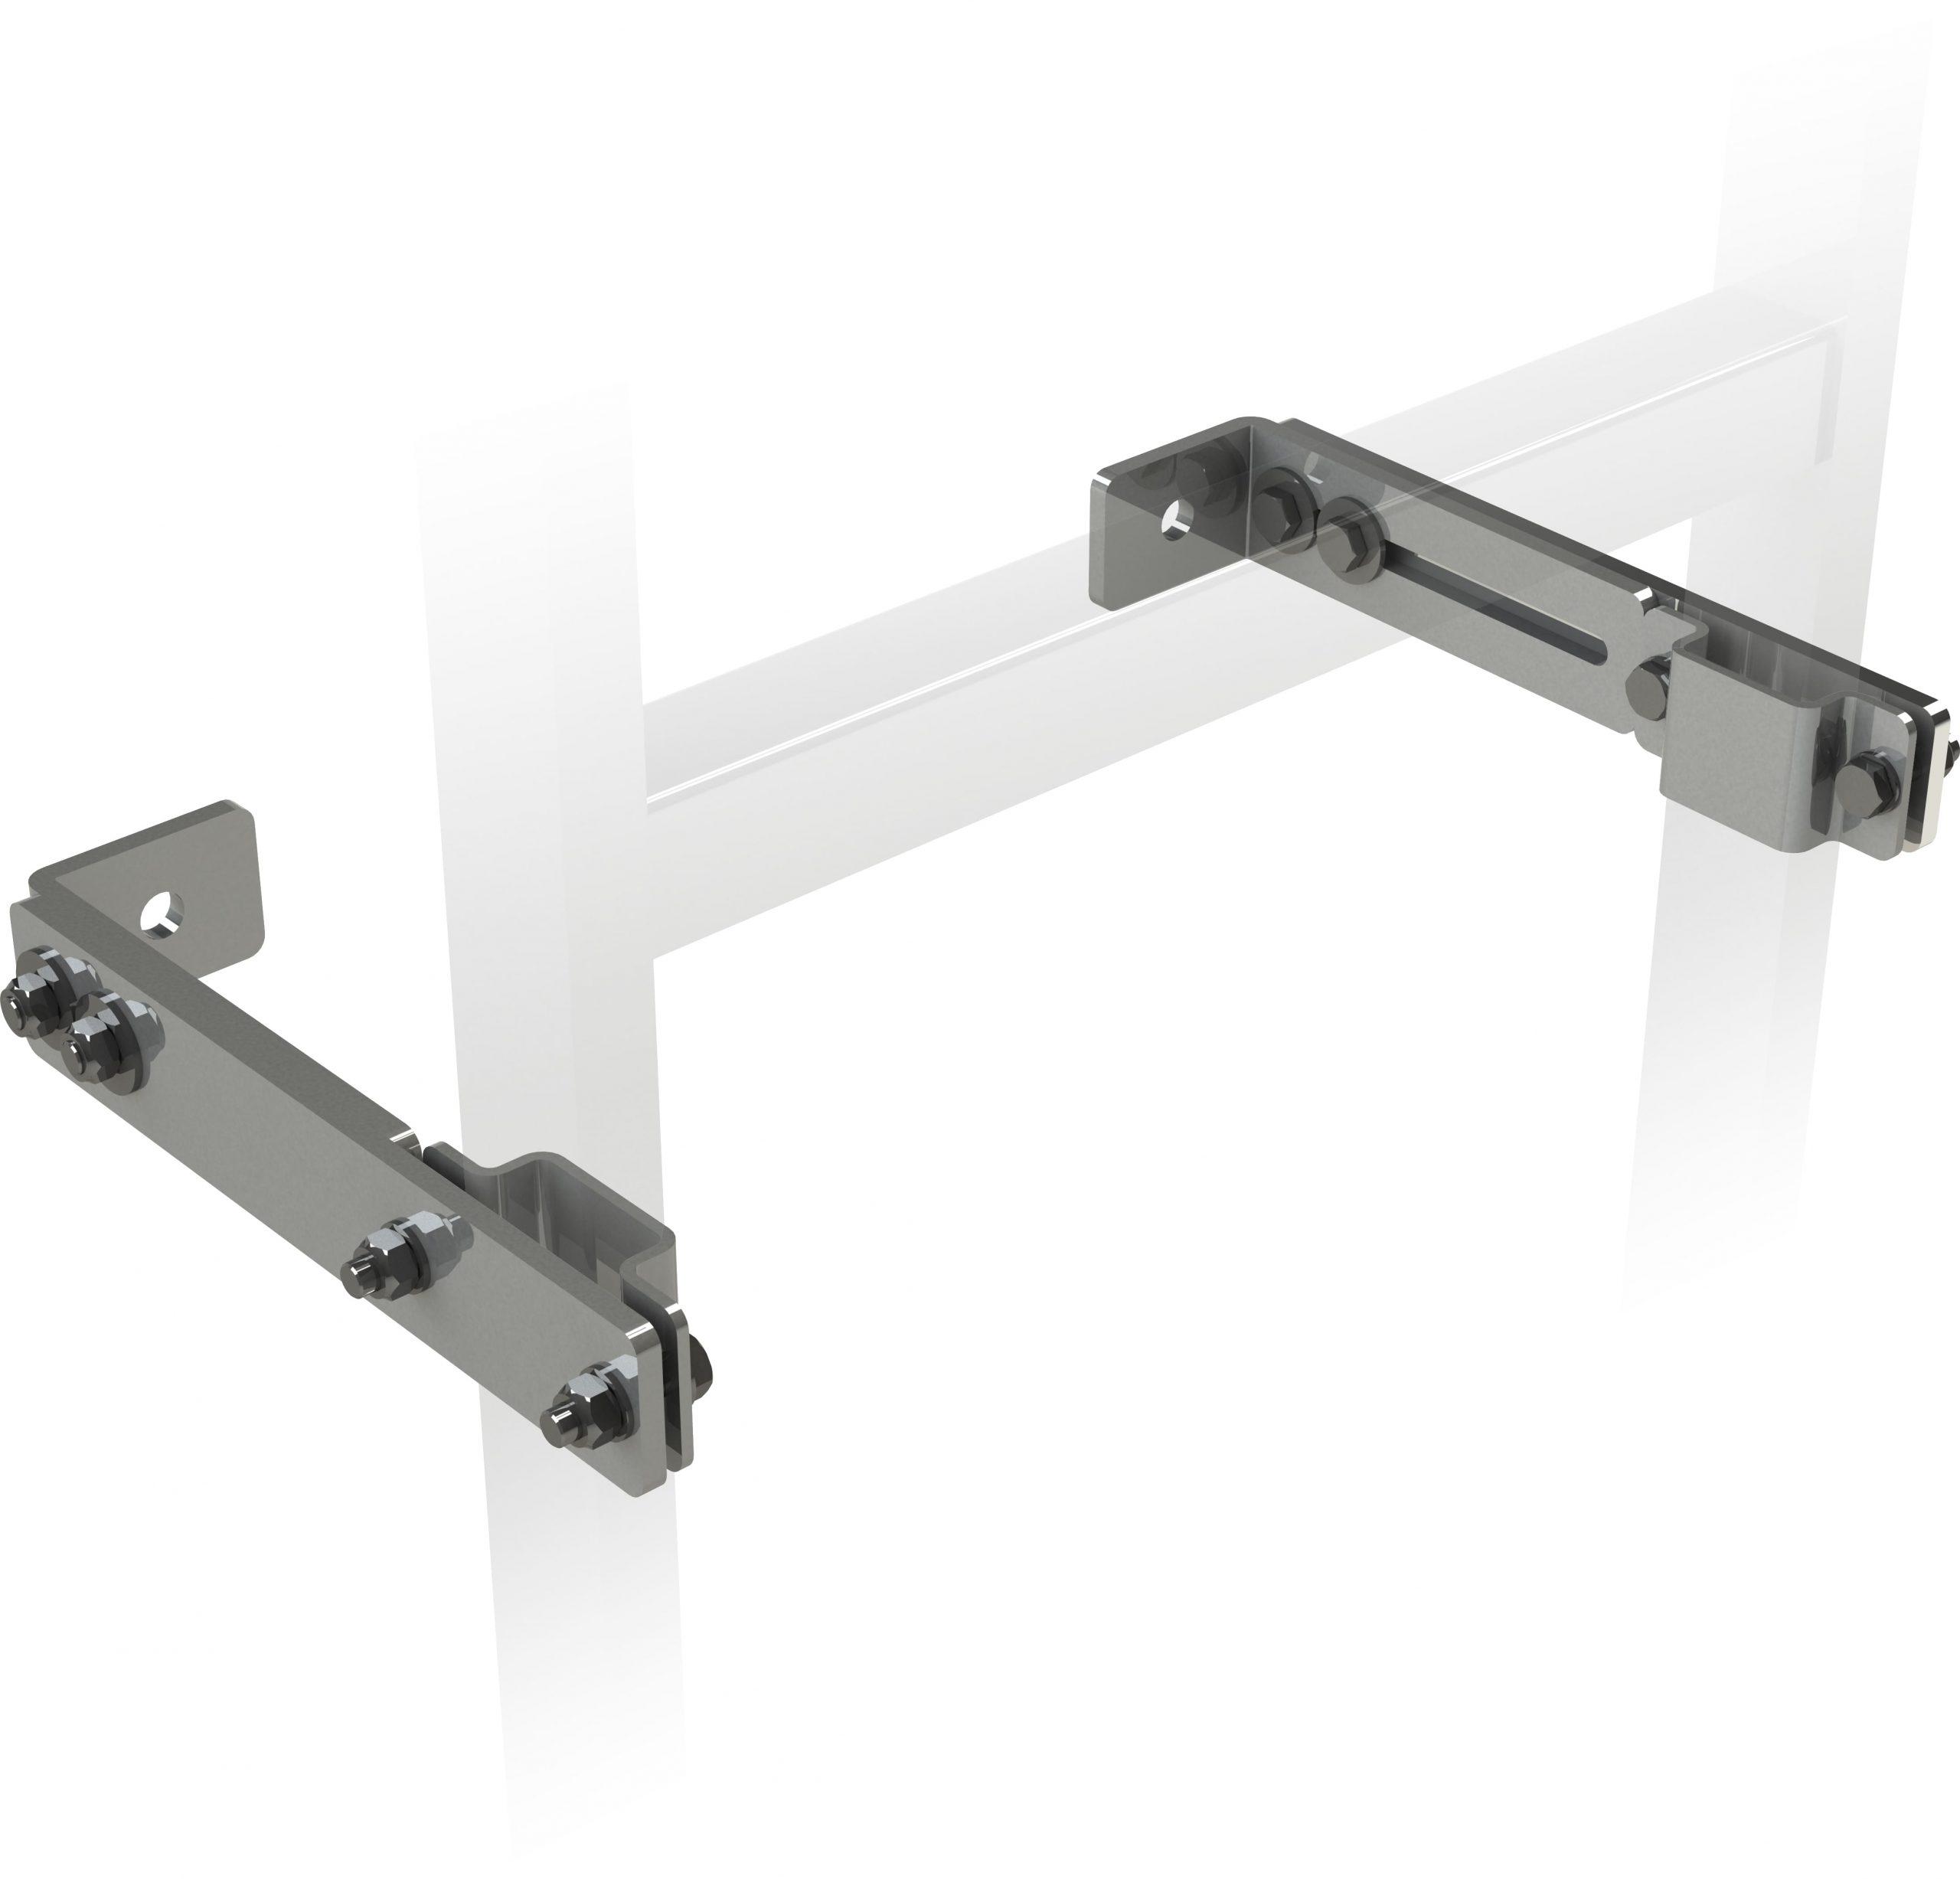 konzola s nastaviteľnou hĺbkou pre šachtové rebríky nerez